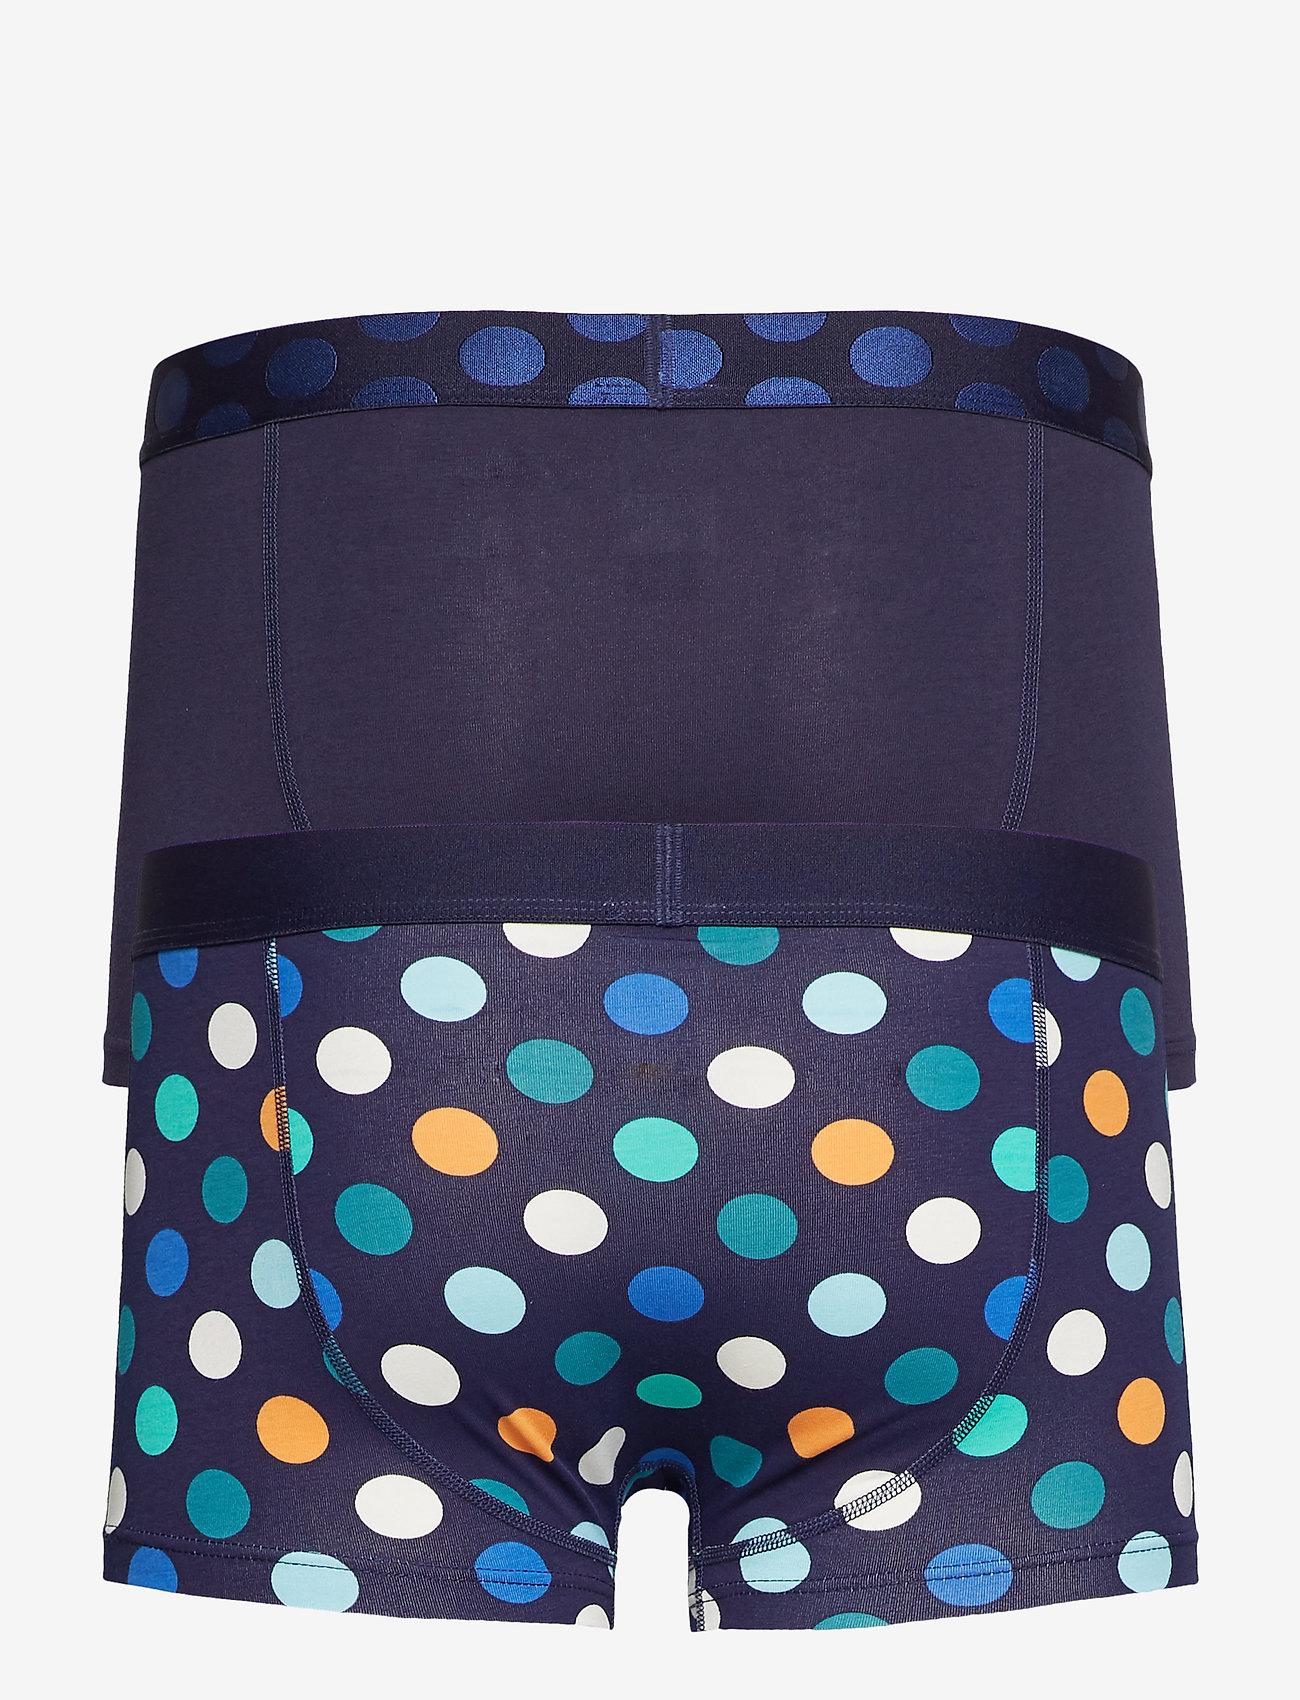 2-pack Big Dot Trunk (Blue) (14.98 €) - Happy Socks qZw5K